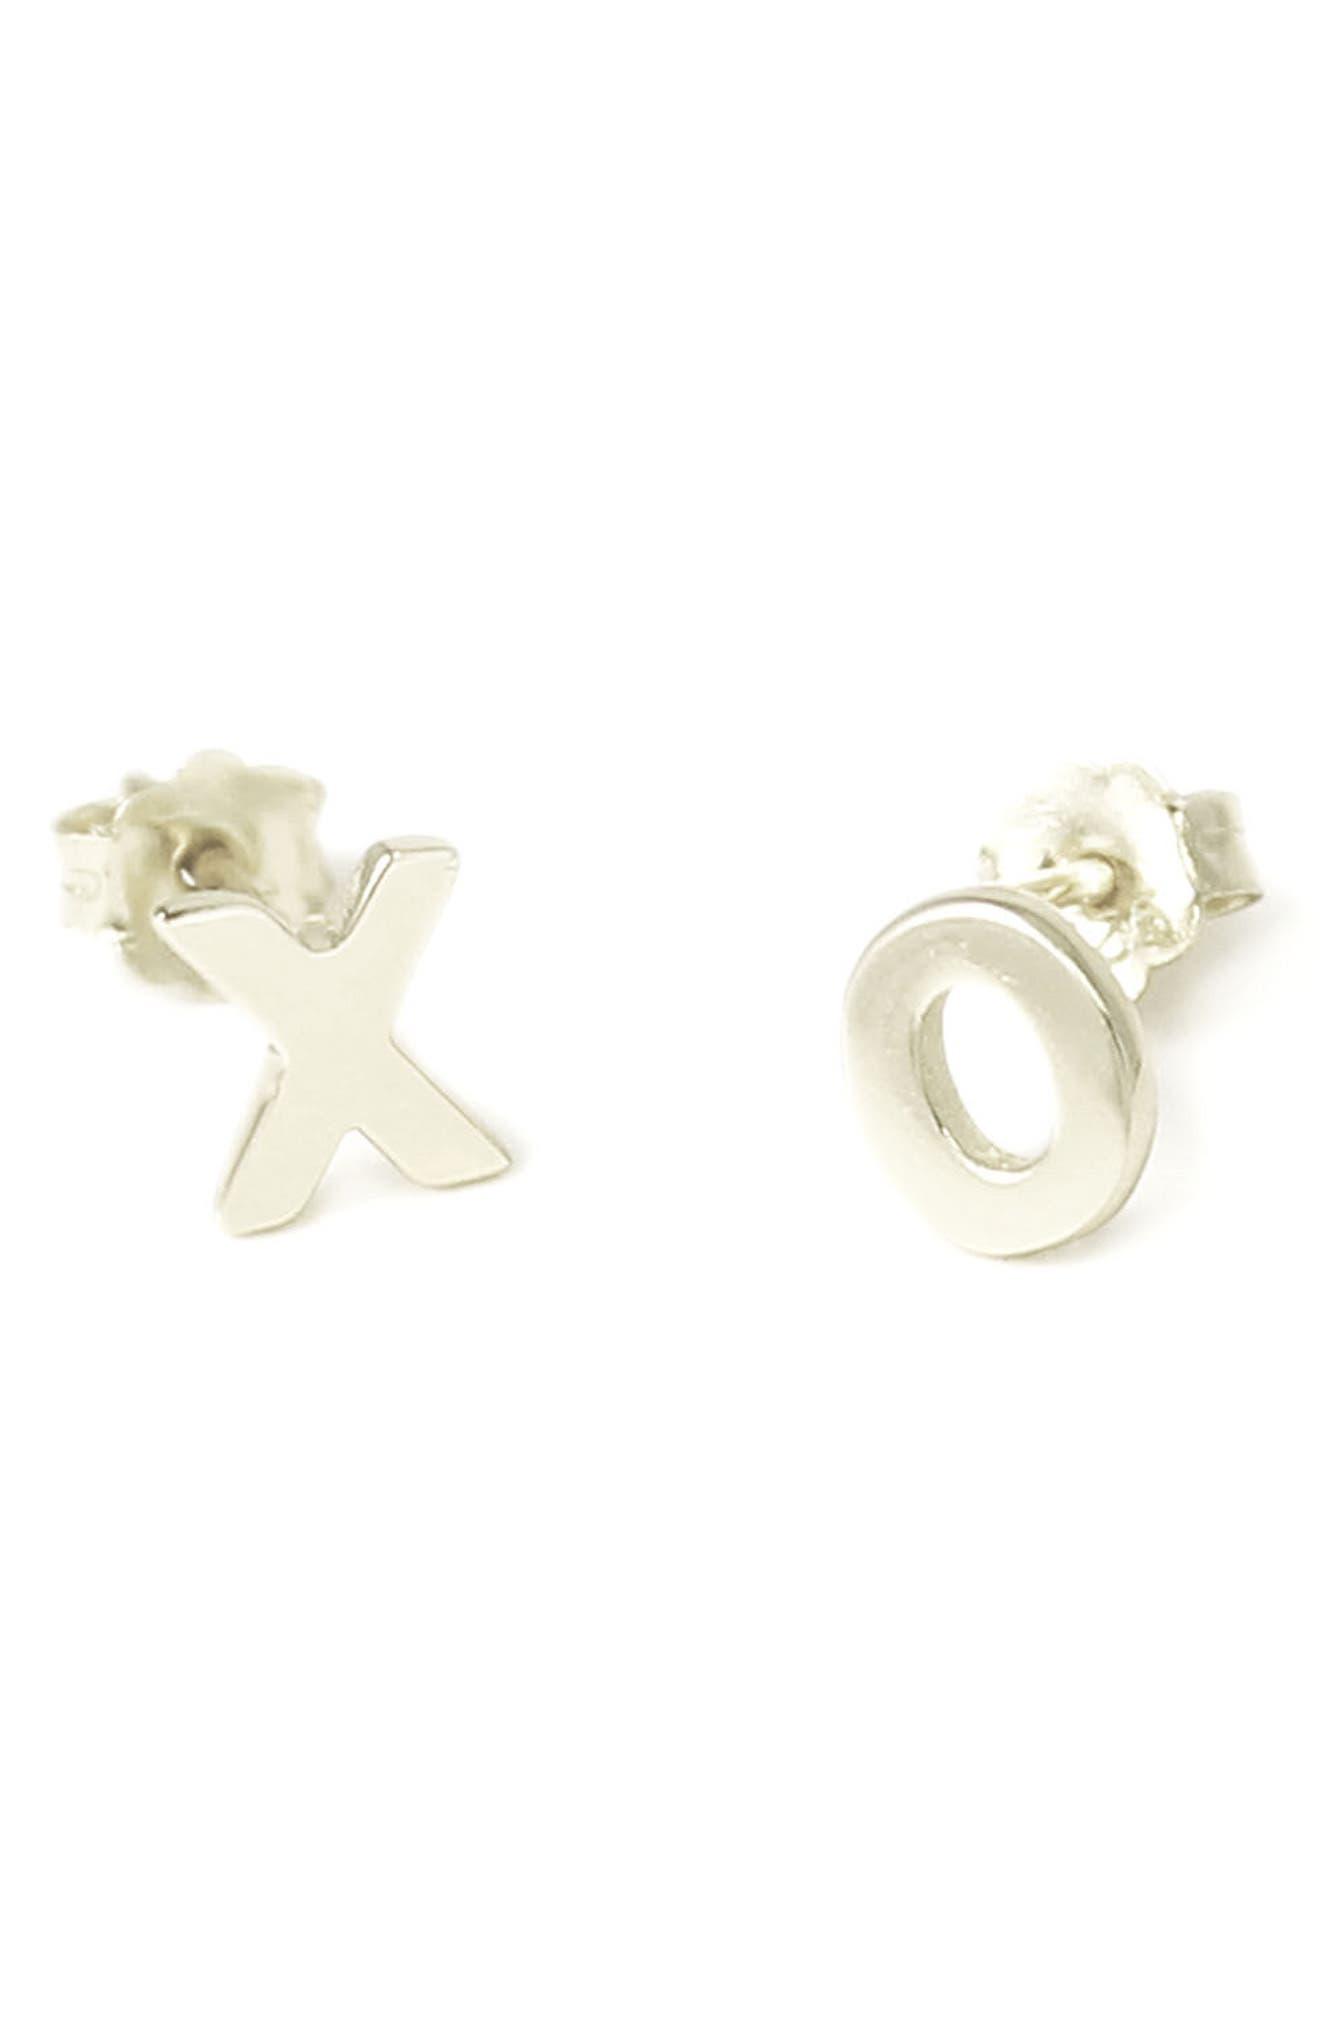 XO Stud Earrings,                             Main thumbnail 1, color,                             Silver